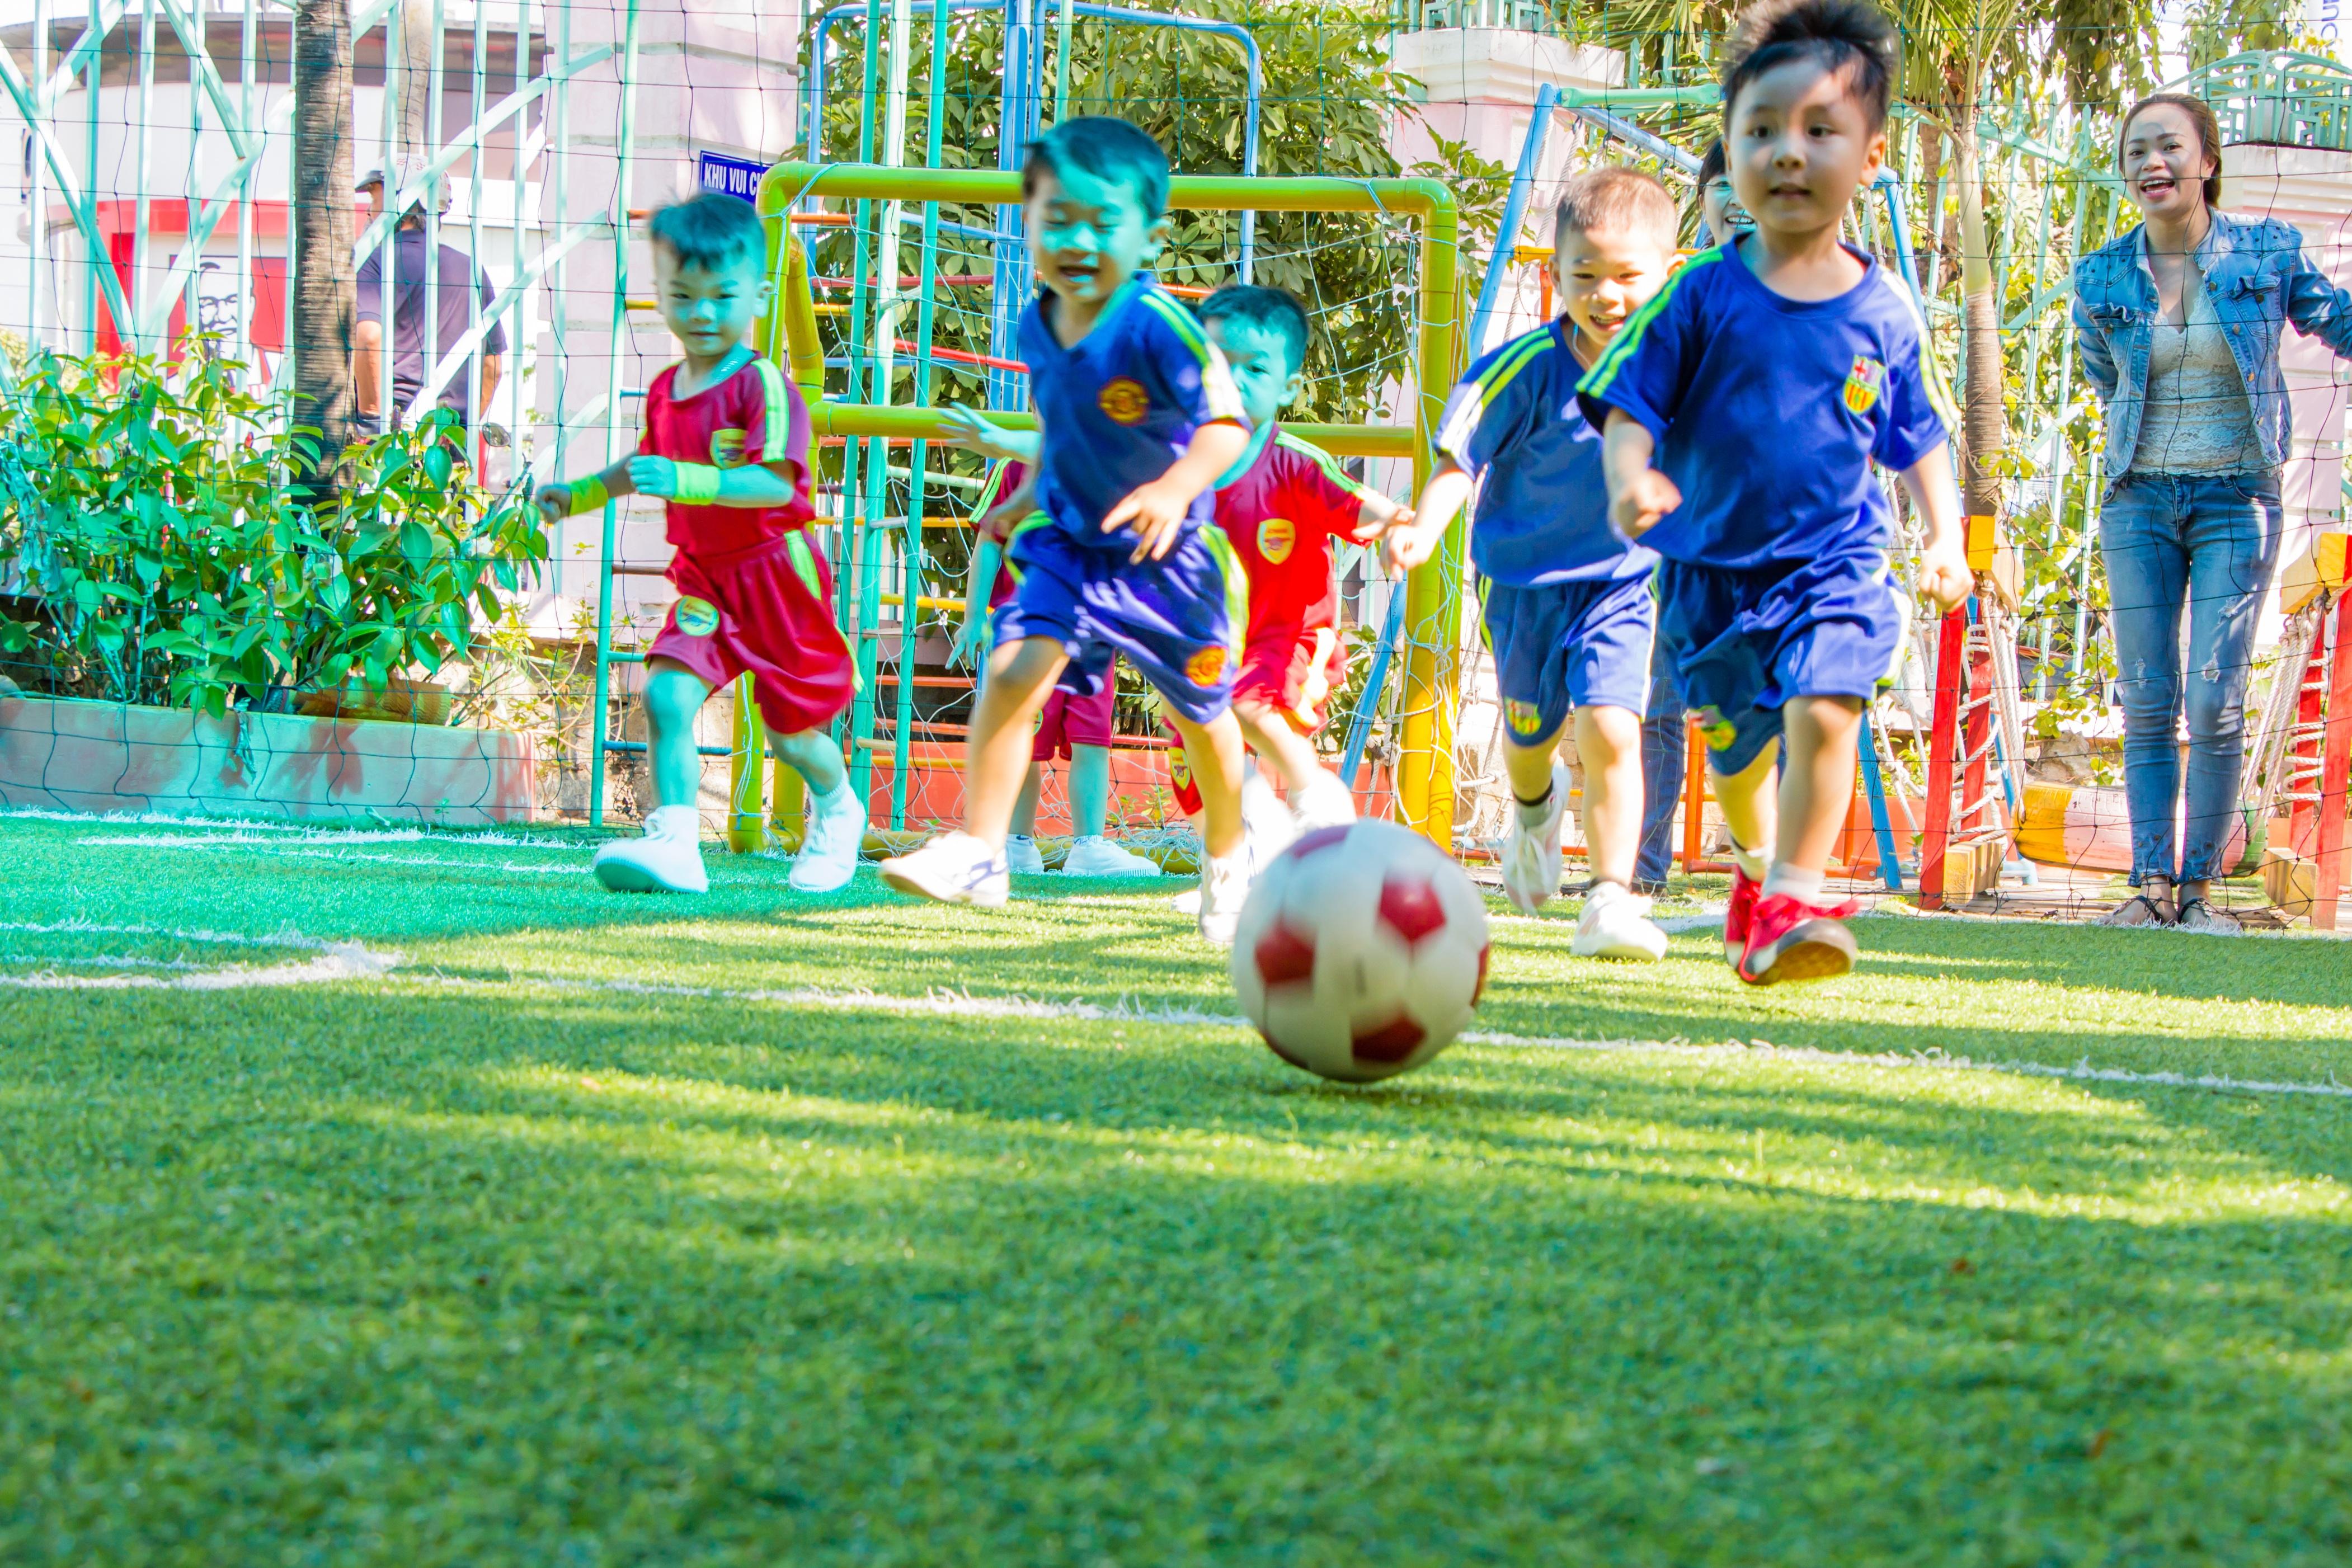 Fotos Gratis Deporte Cesped Jugar Masculino Joven Futbol